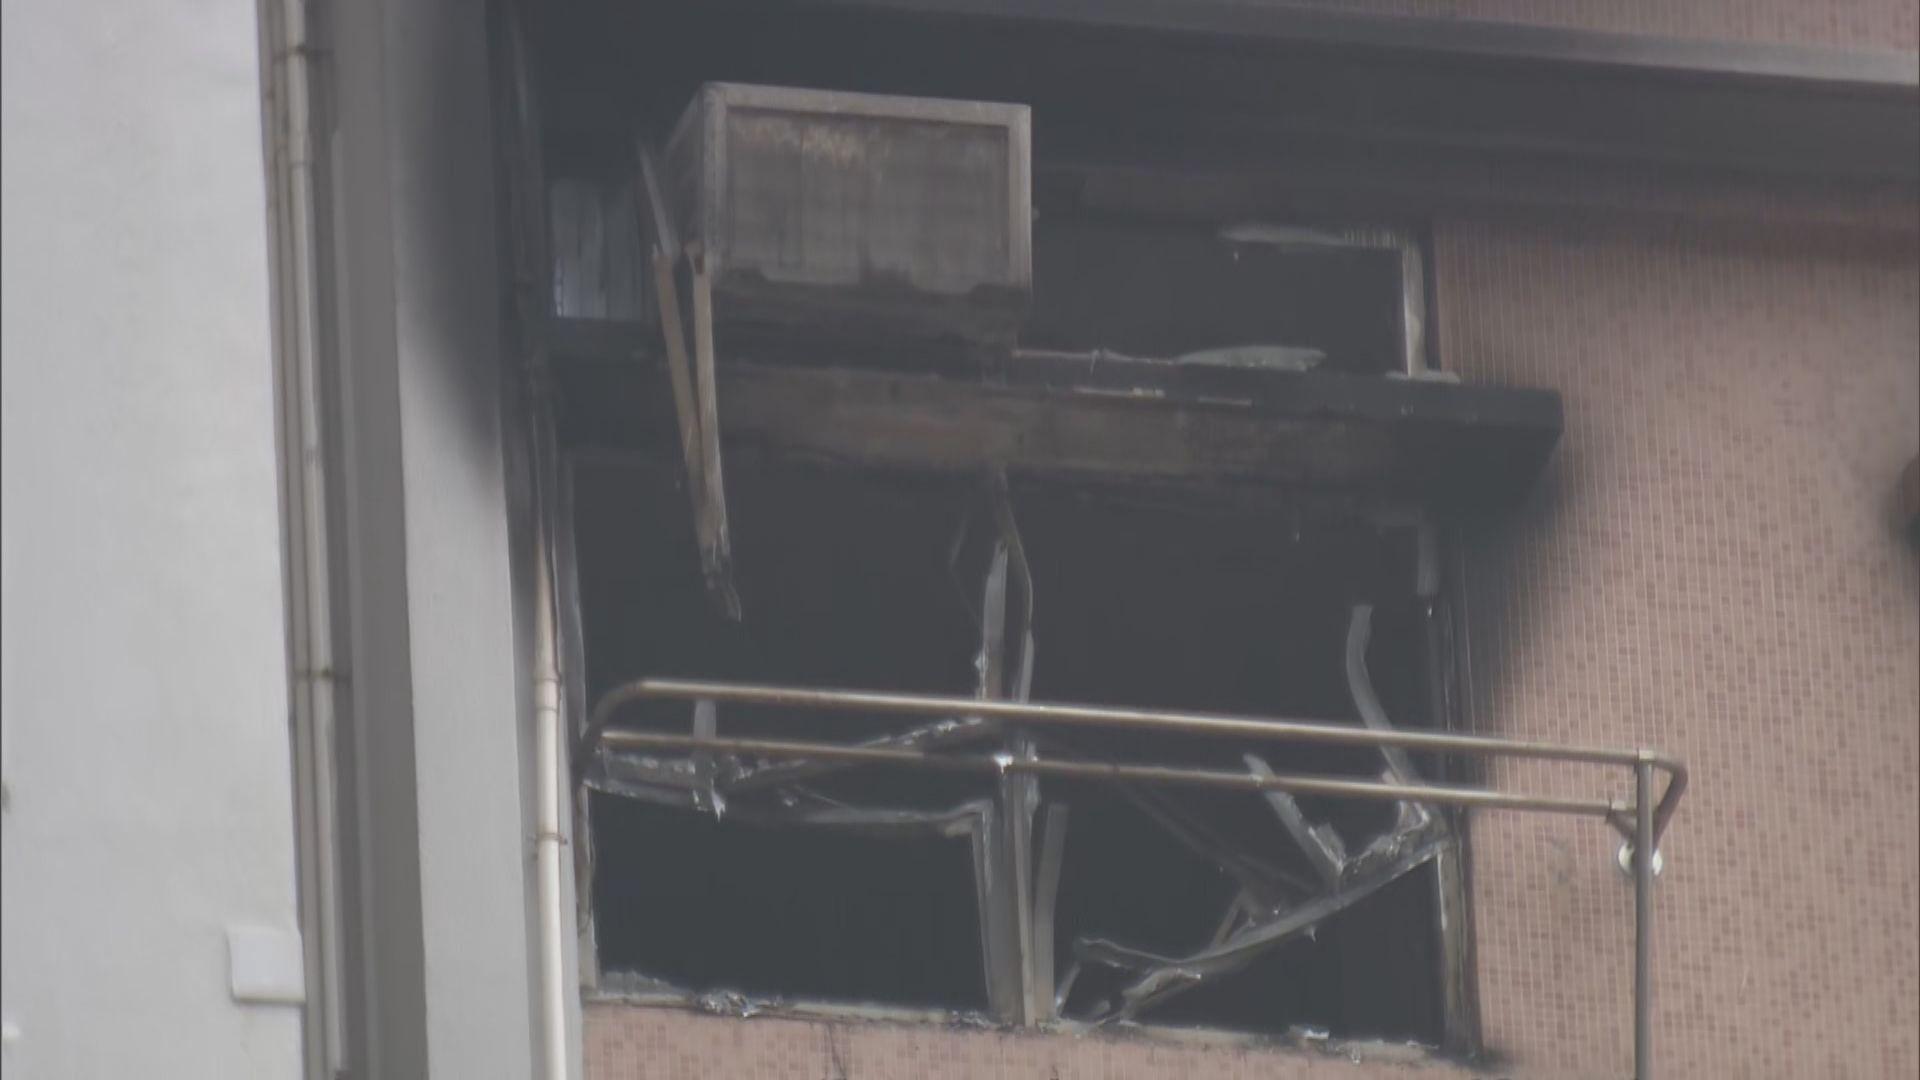 寶達邨四死火警 消防處成立專責小組調查原因